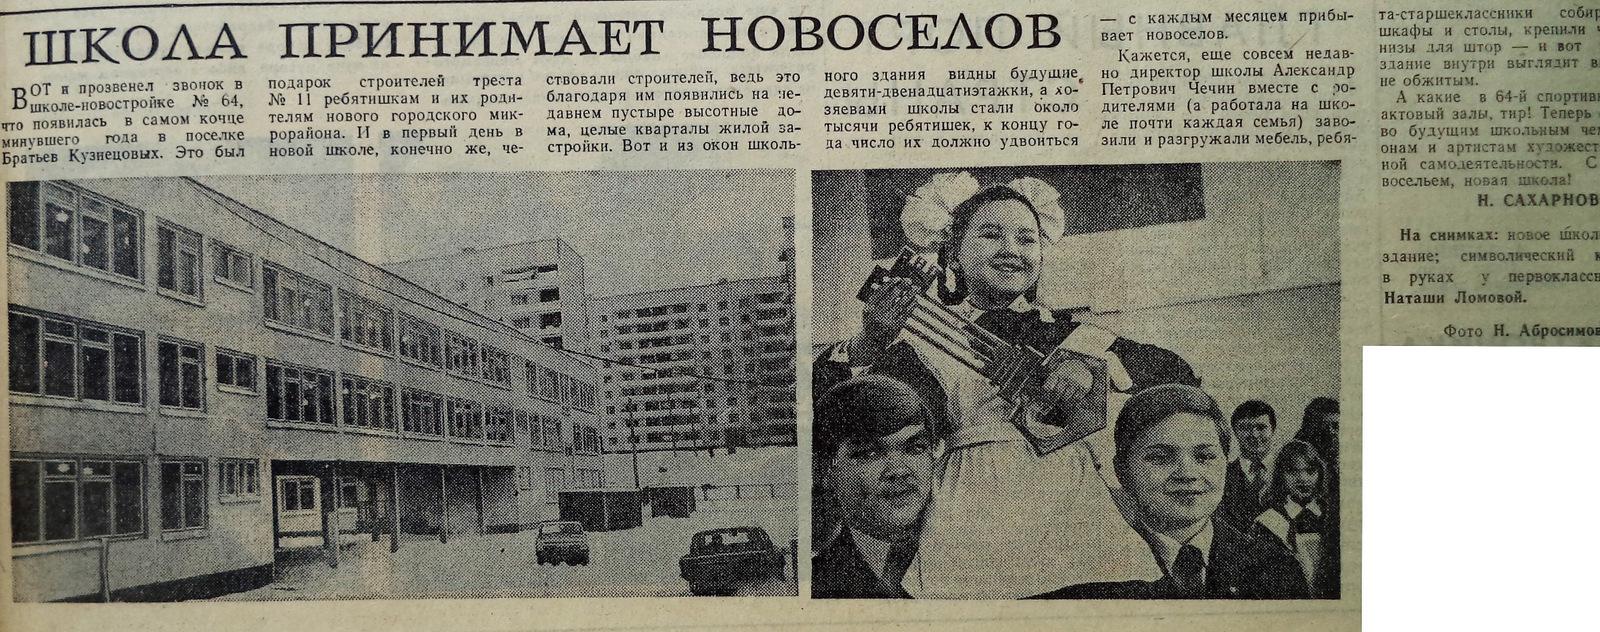 Пензенская-ФОТО-34-ВЗя-1986-01-14-новая шк. № 64 в пос. Кузн.-min